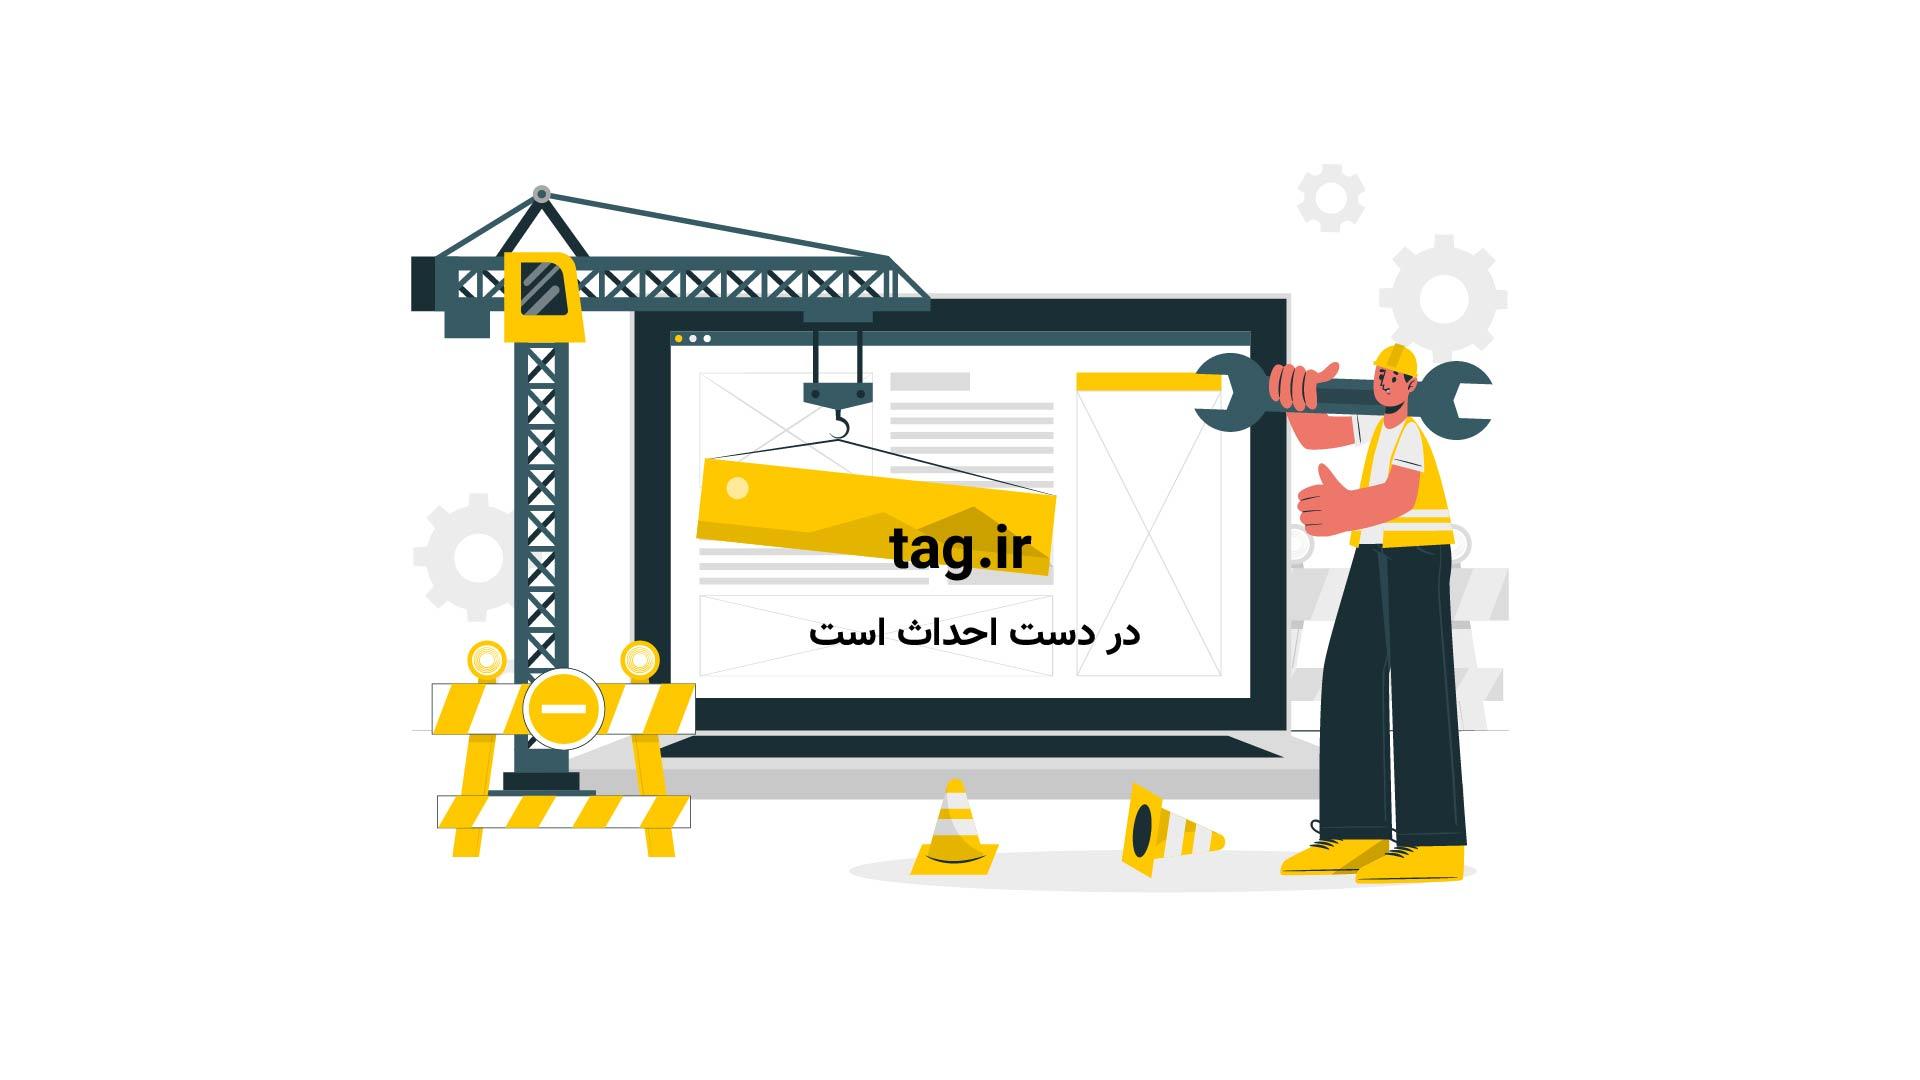 حادثه لیز خوردن در برف کانادا | تگ